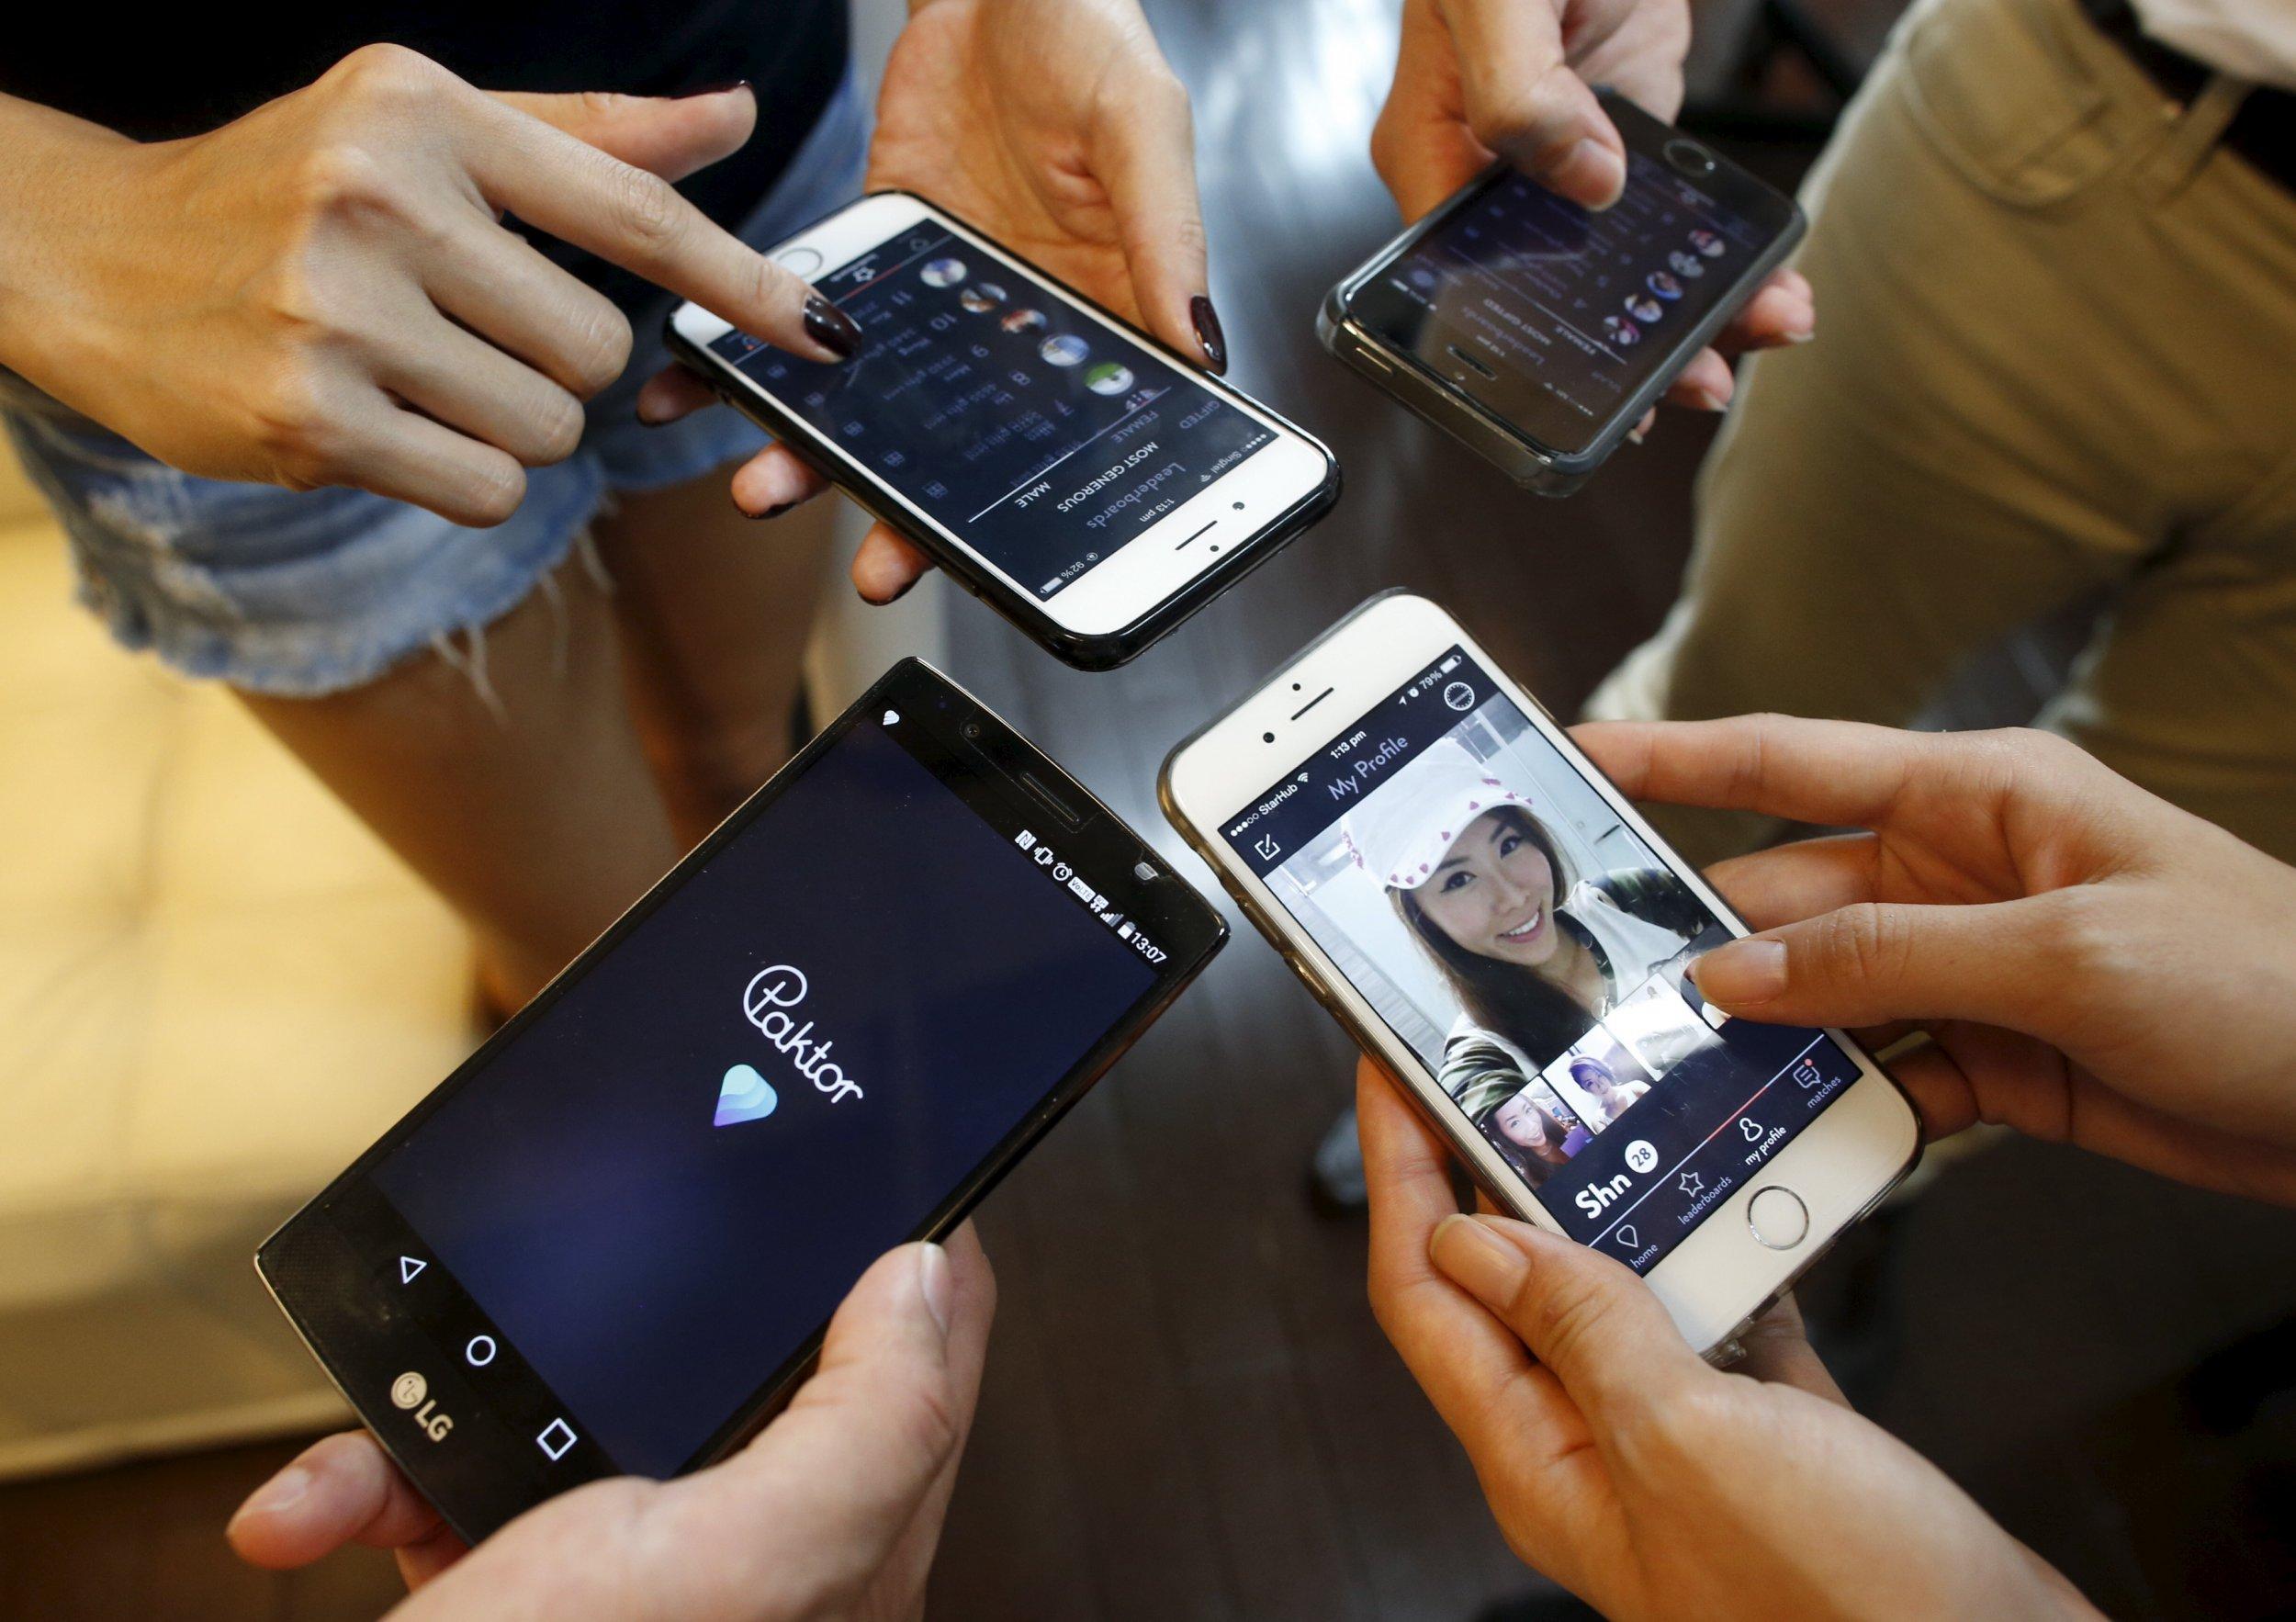 11_06_Smartphones_01